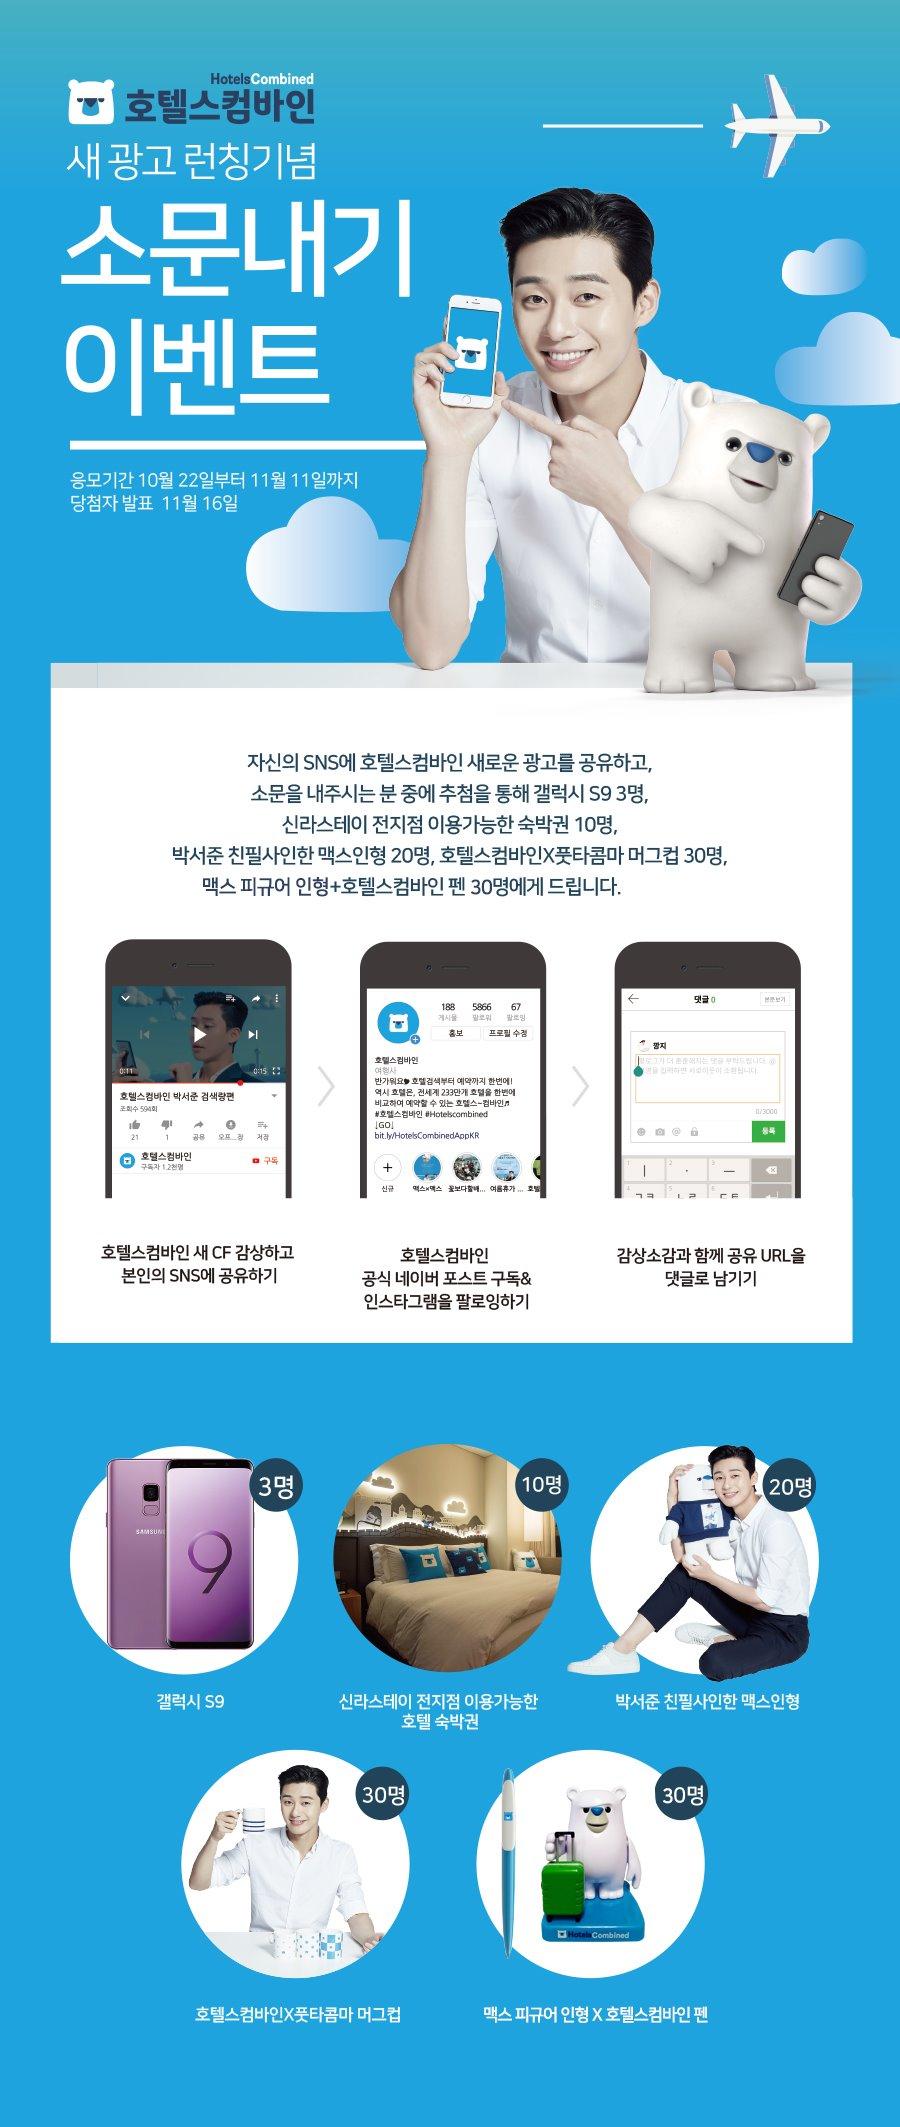 호텔스컴바인X박서준 새광고 런칭기념 소문내기 이...